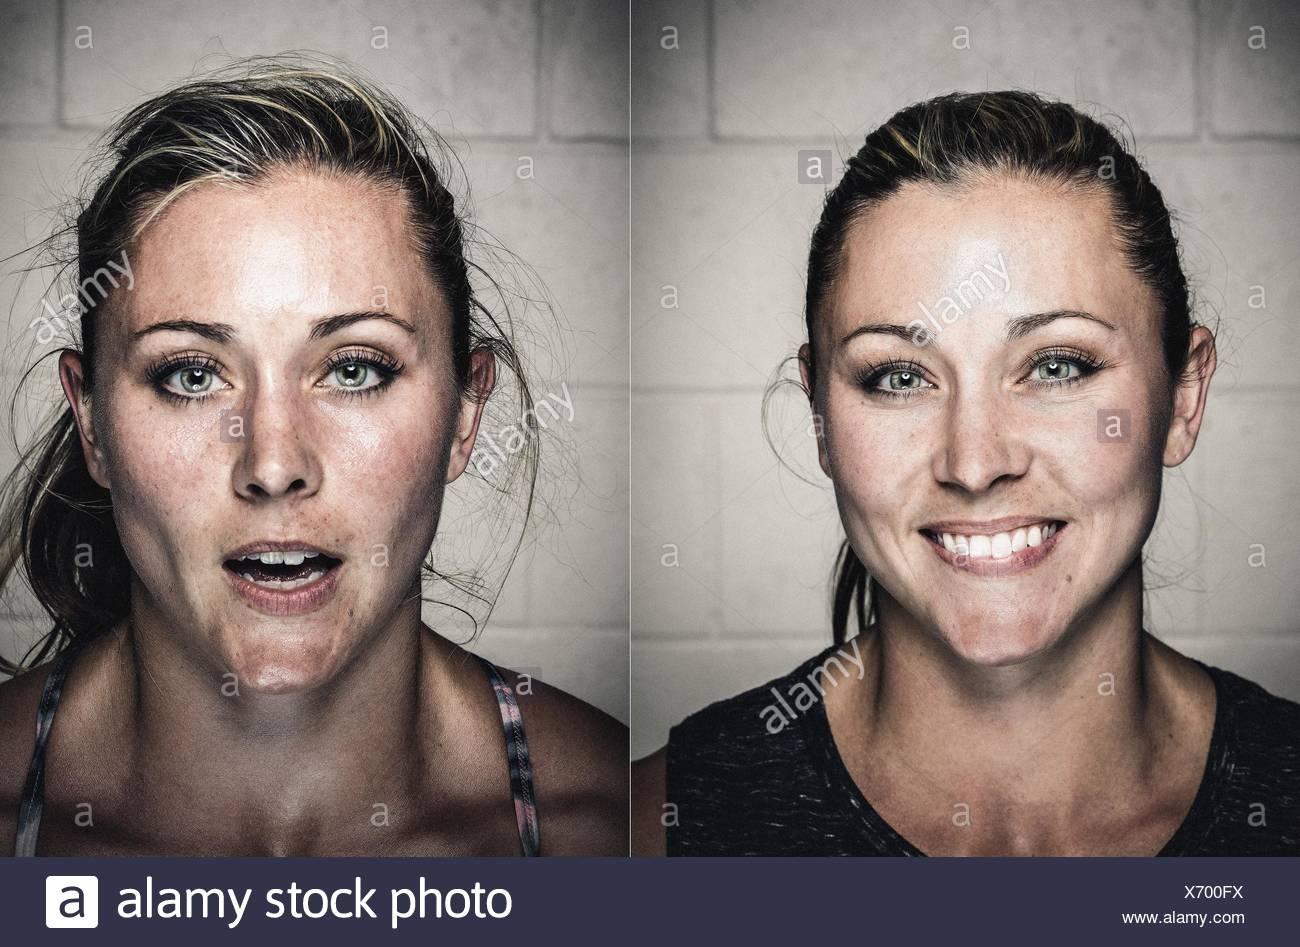 Before And After Beauty Stockfotos und  bilder Kaufen   Alamy